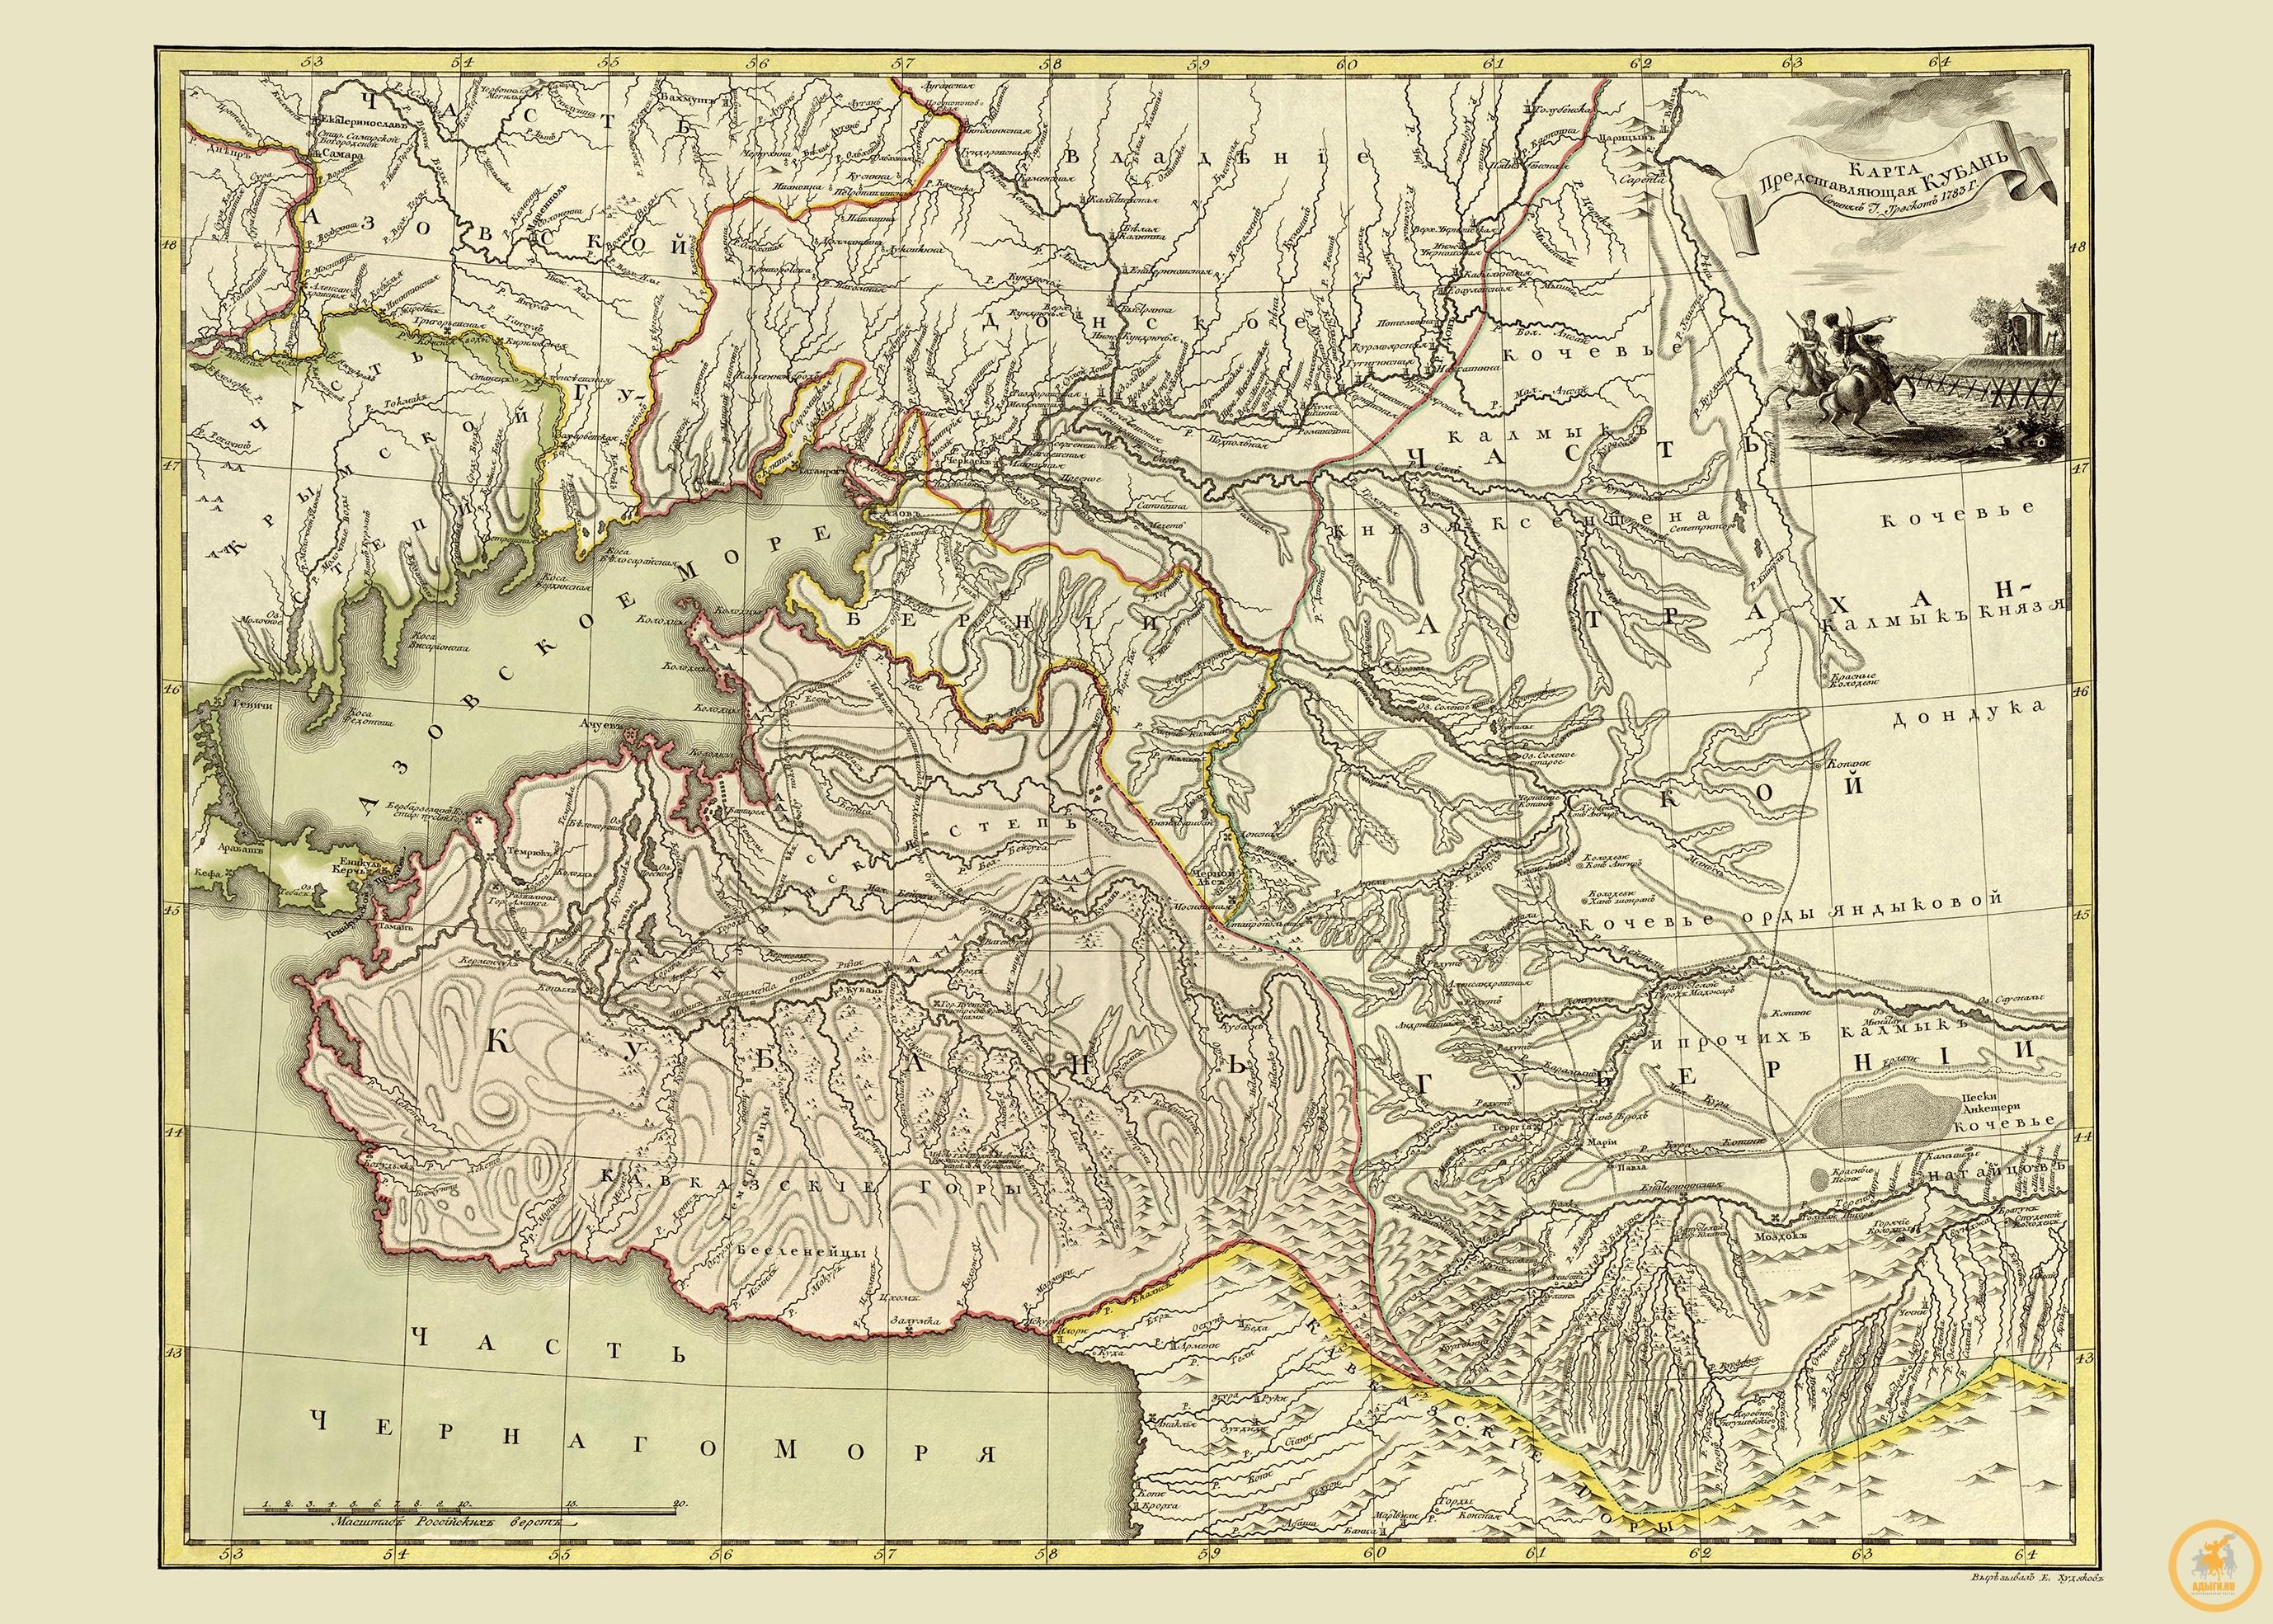 Трескот Г. Карта, представляющая Кубань. 1783 г.